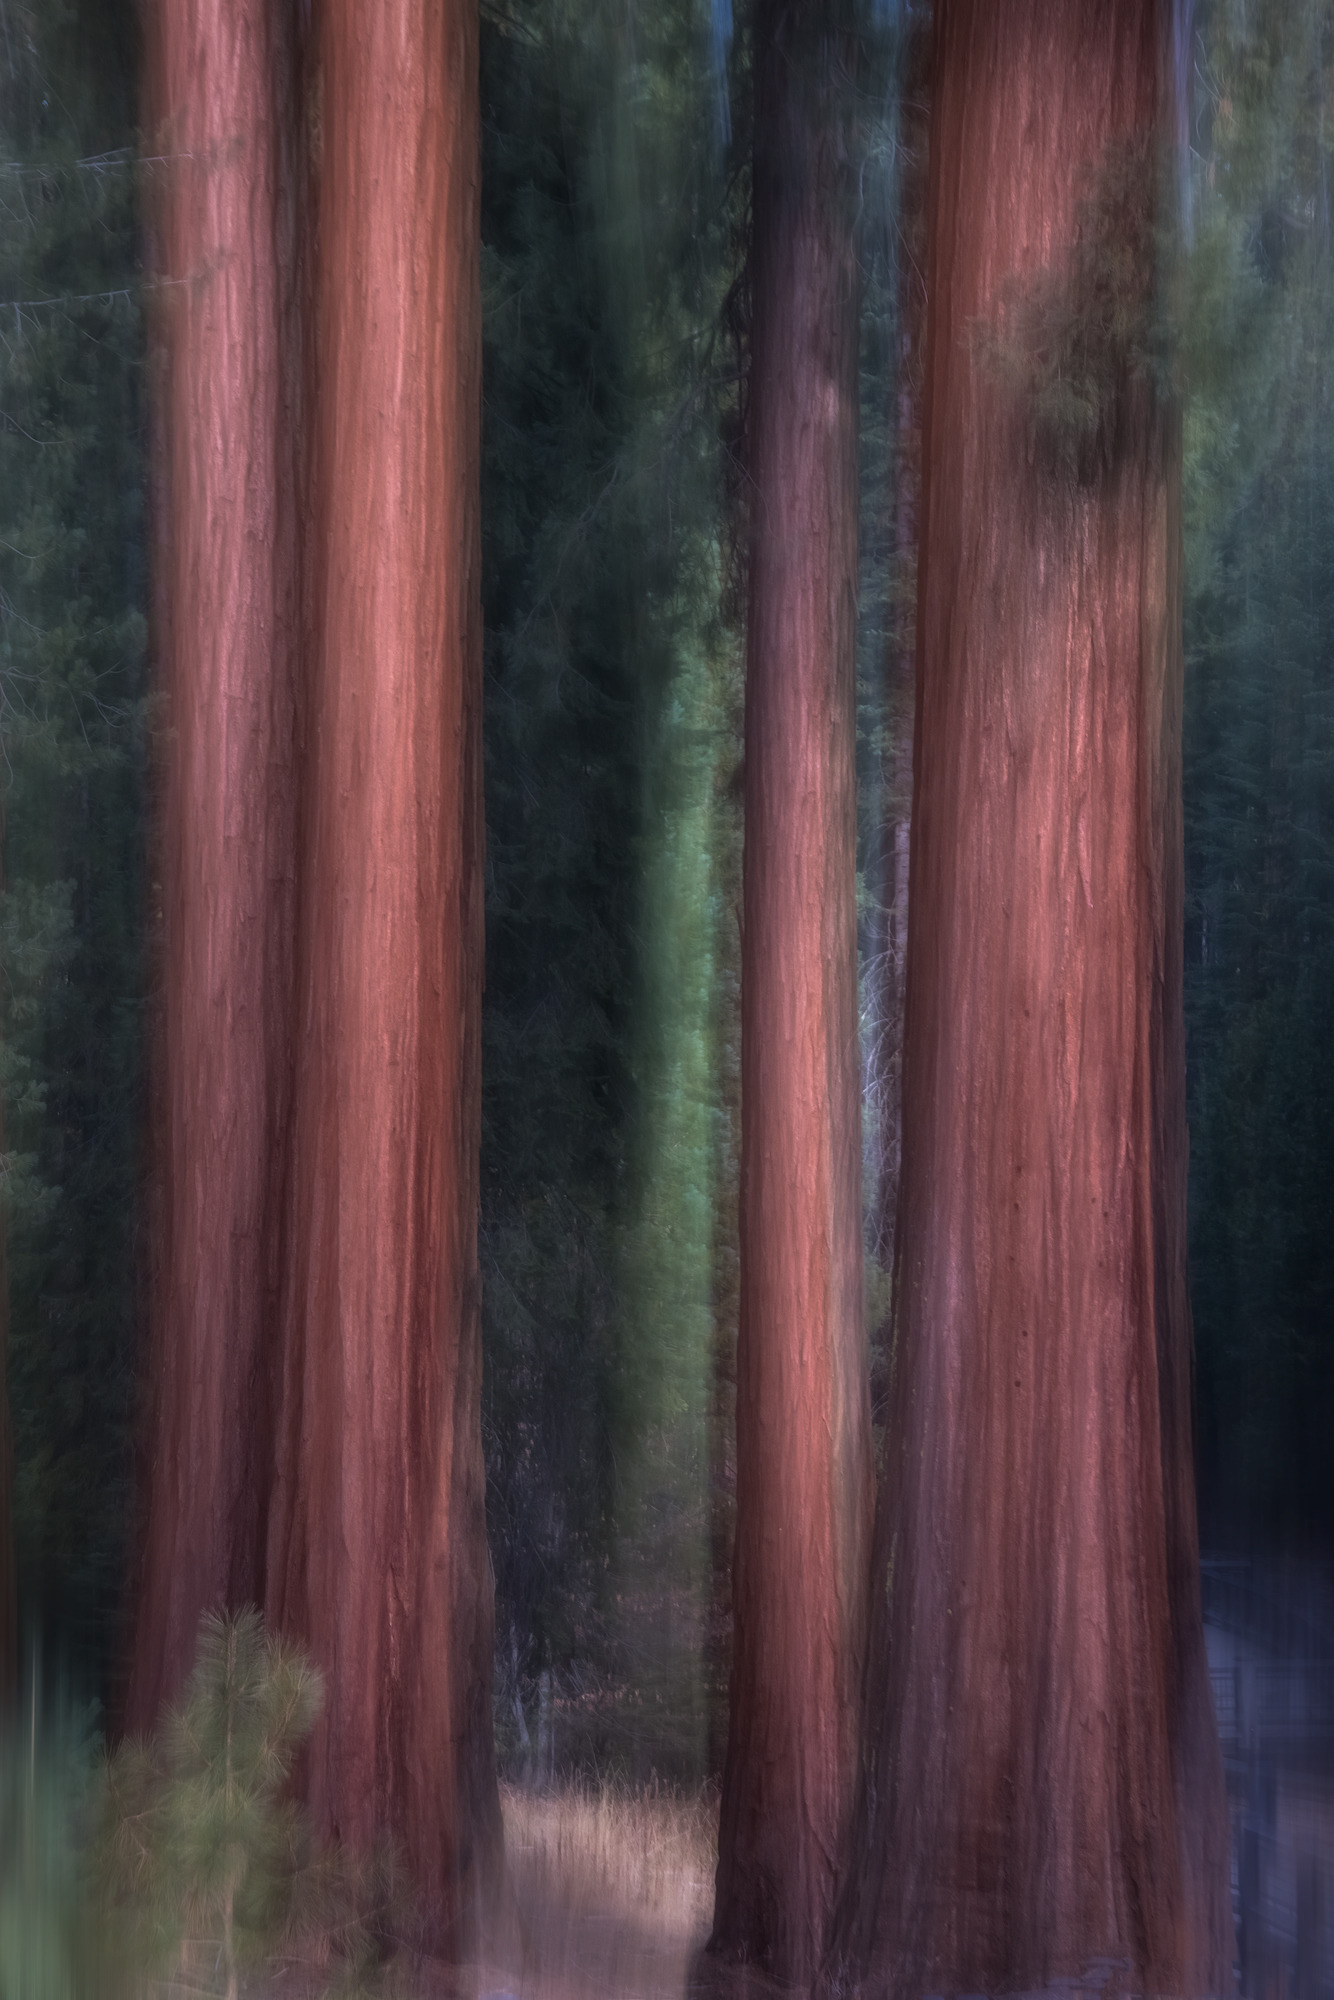 Big trees zydpje